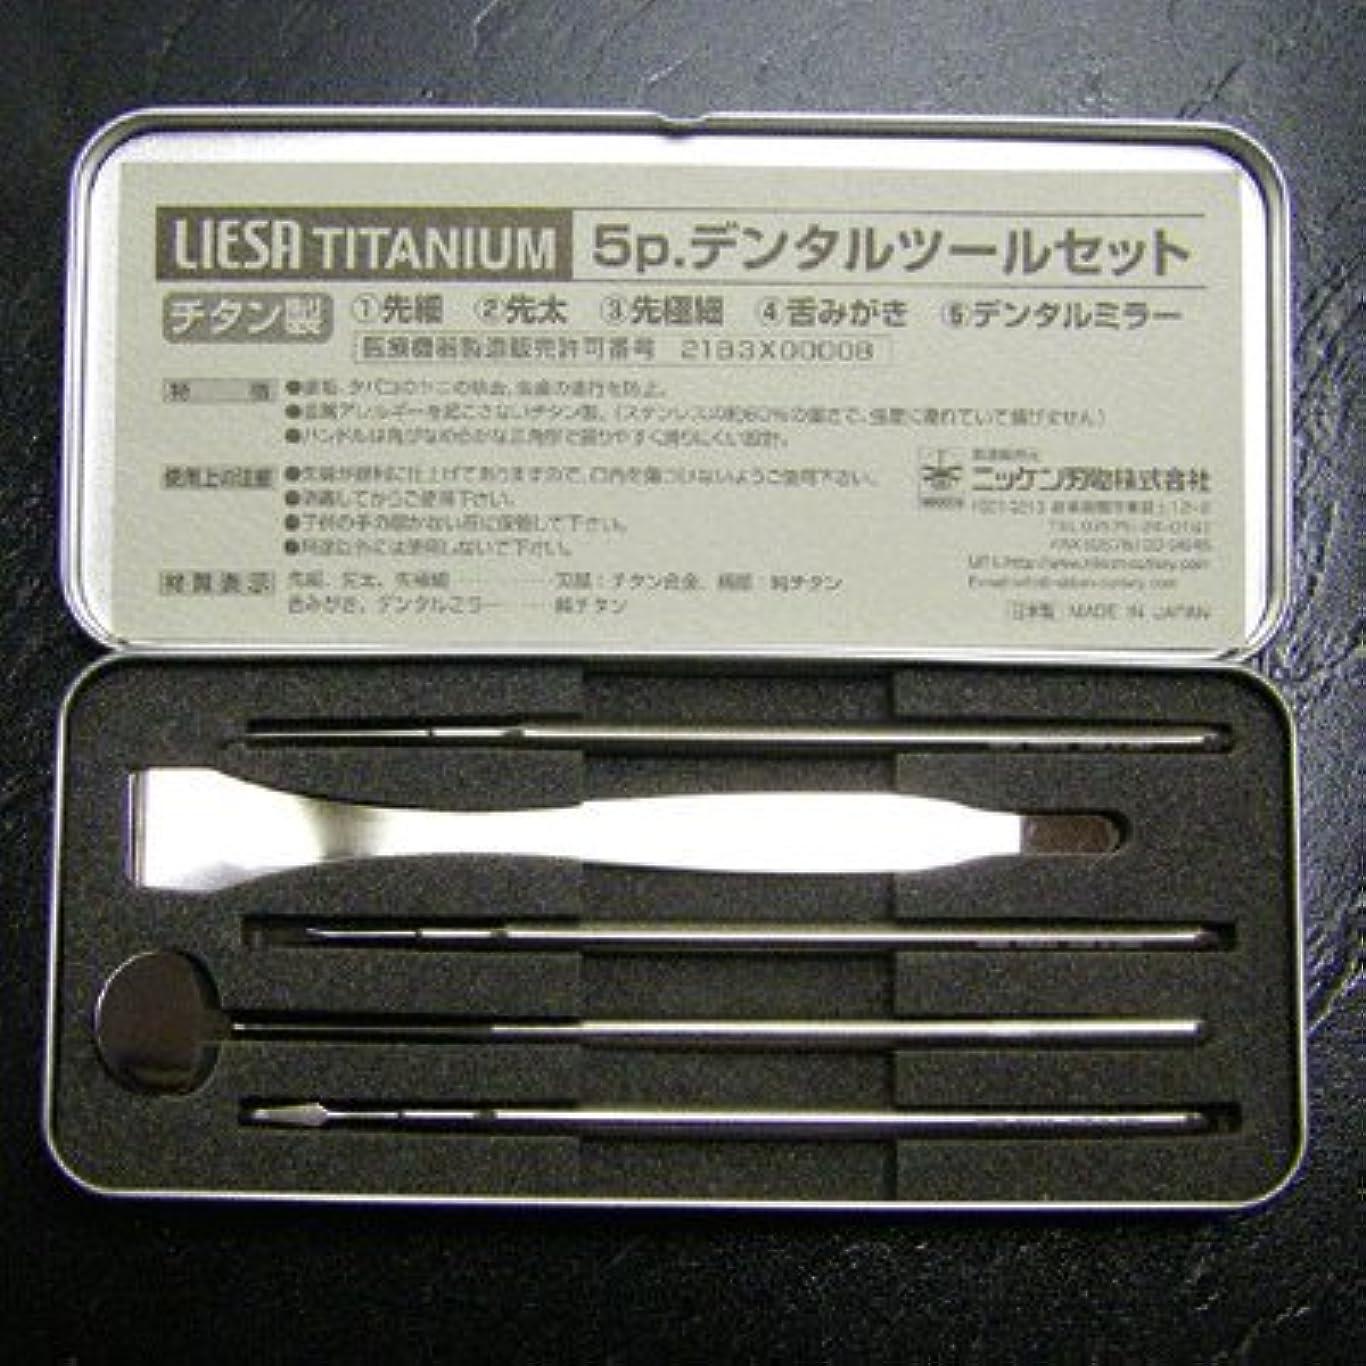 ロケット光電科学者岐阜県関の伝統 歯石取りデンタルケアセット チタン製